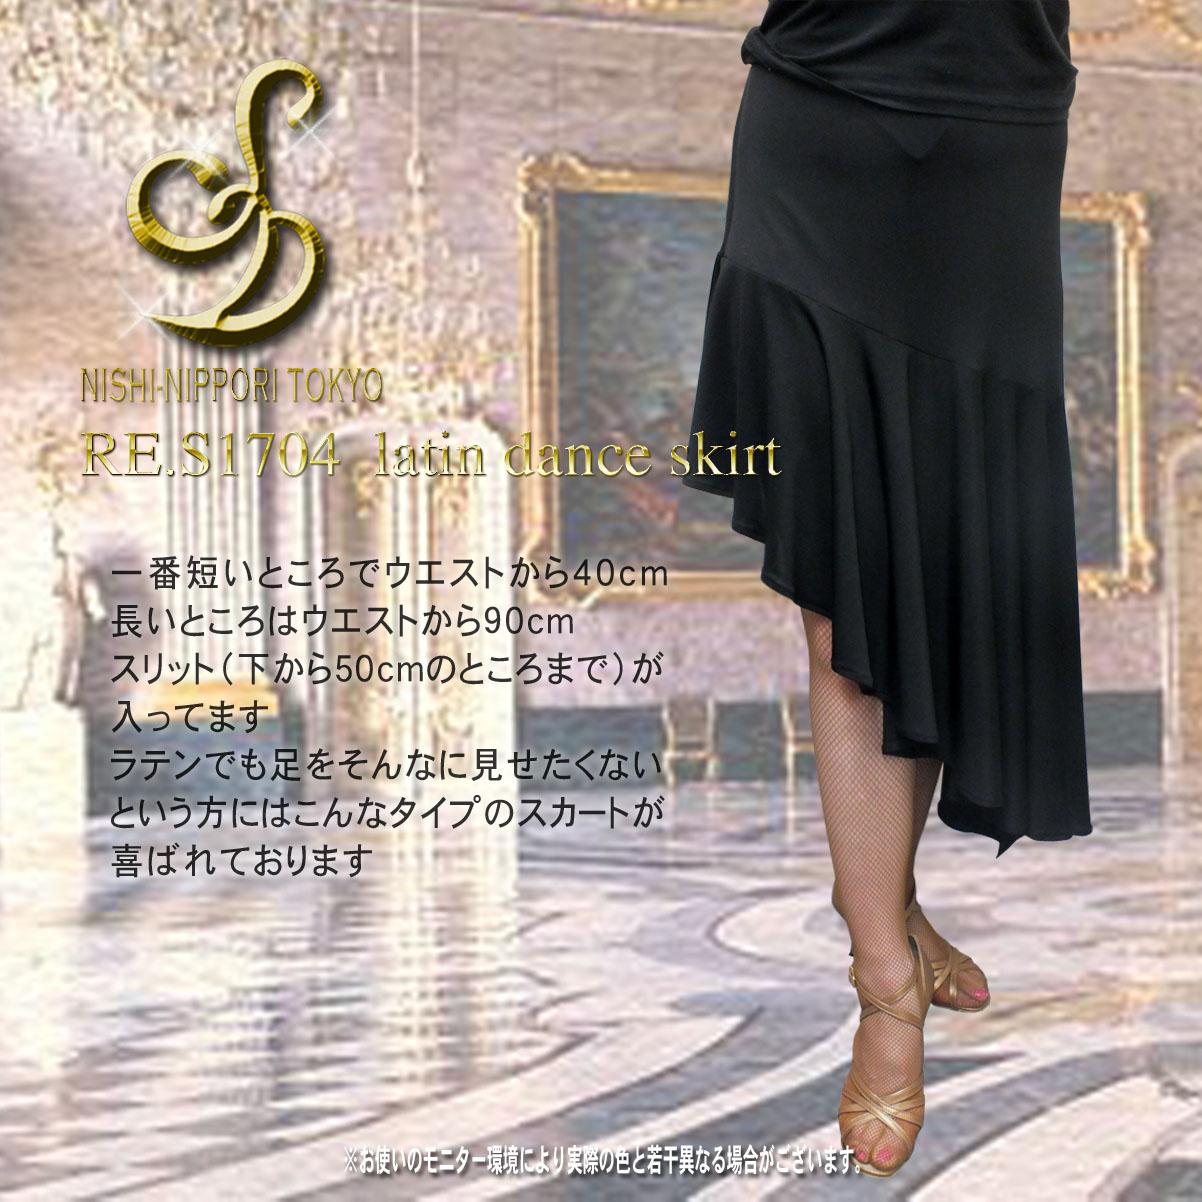 RE.S1704 ラテンスカート